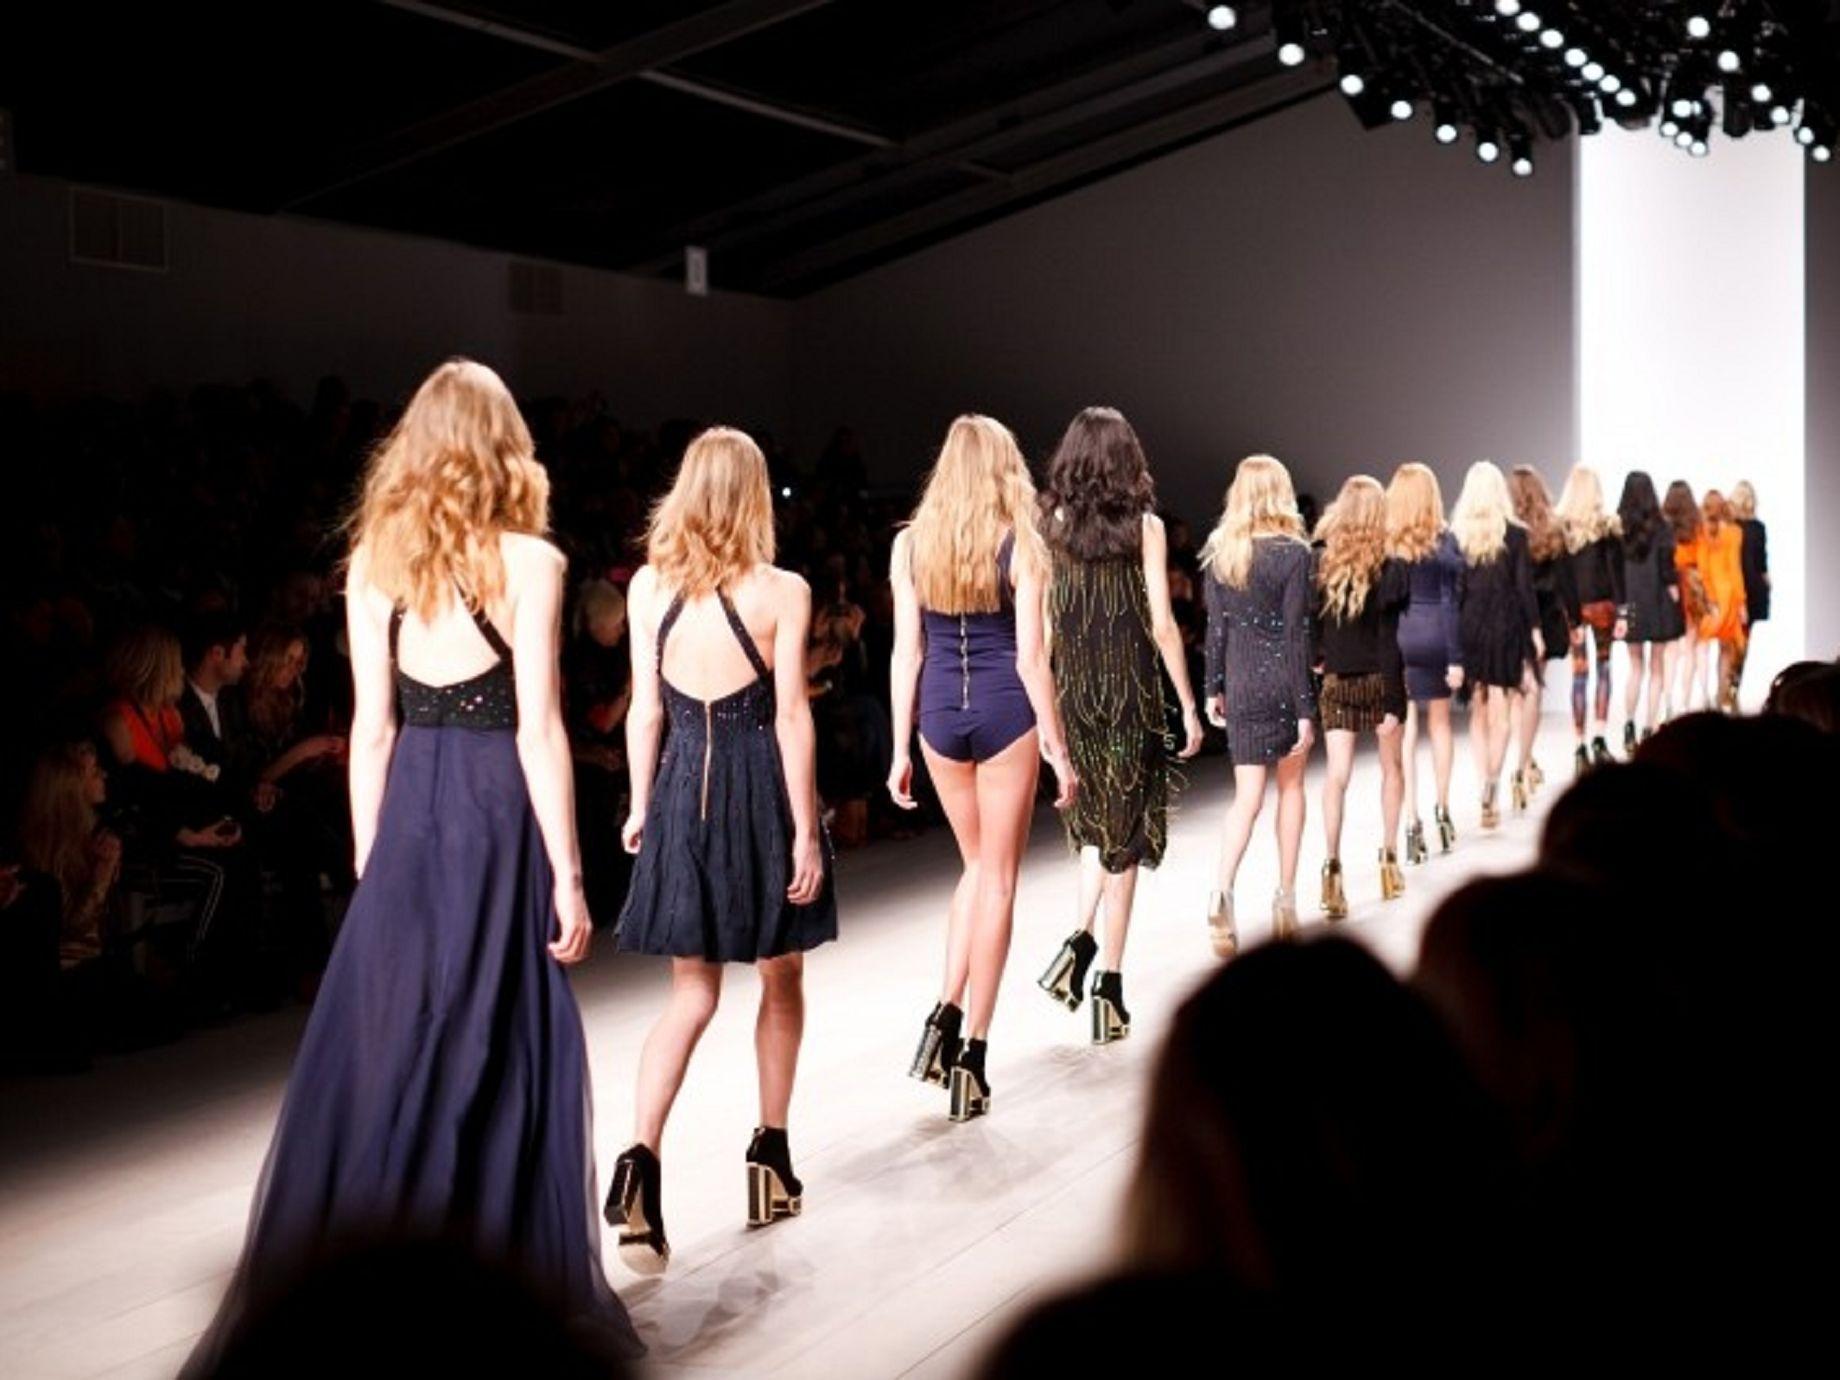 從Gucci 聯手精品電商Farfetch,看奢侈品產業如何迎向電商未來